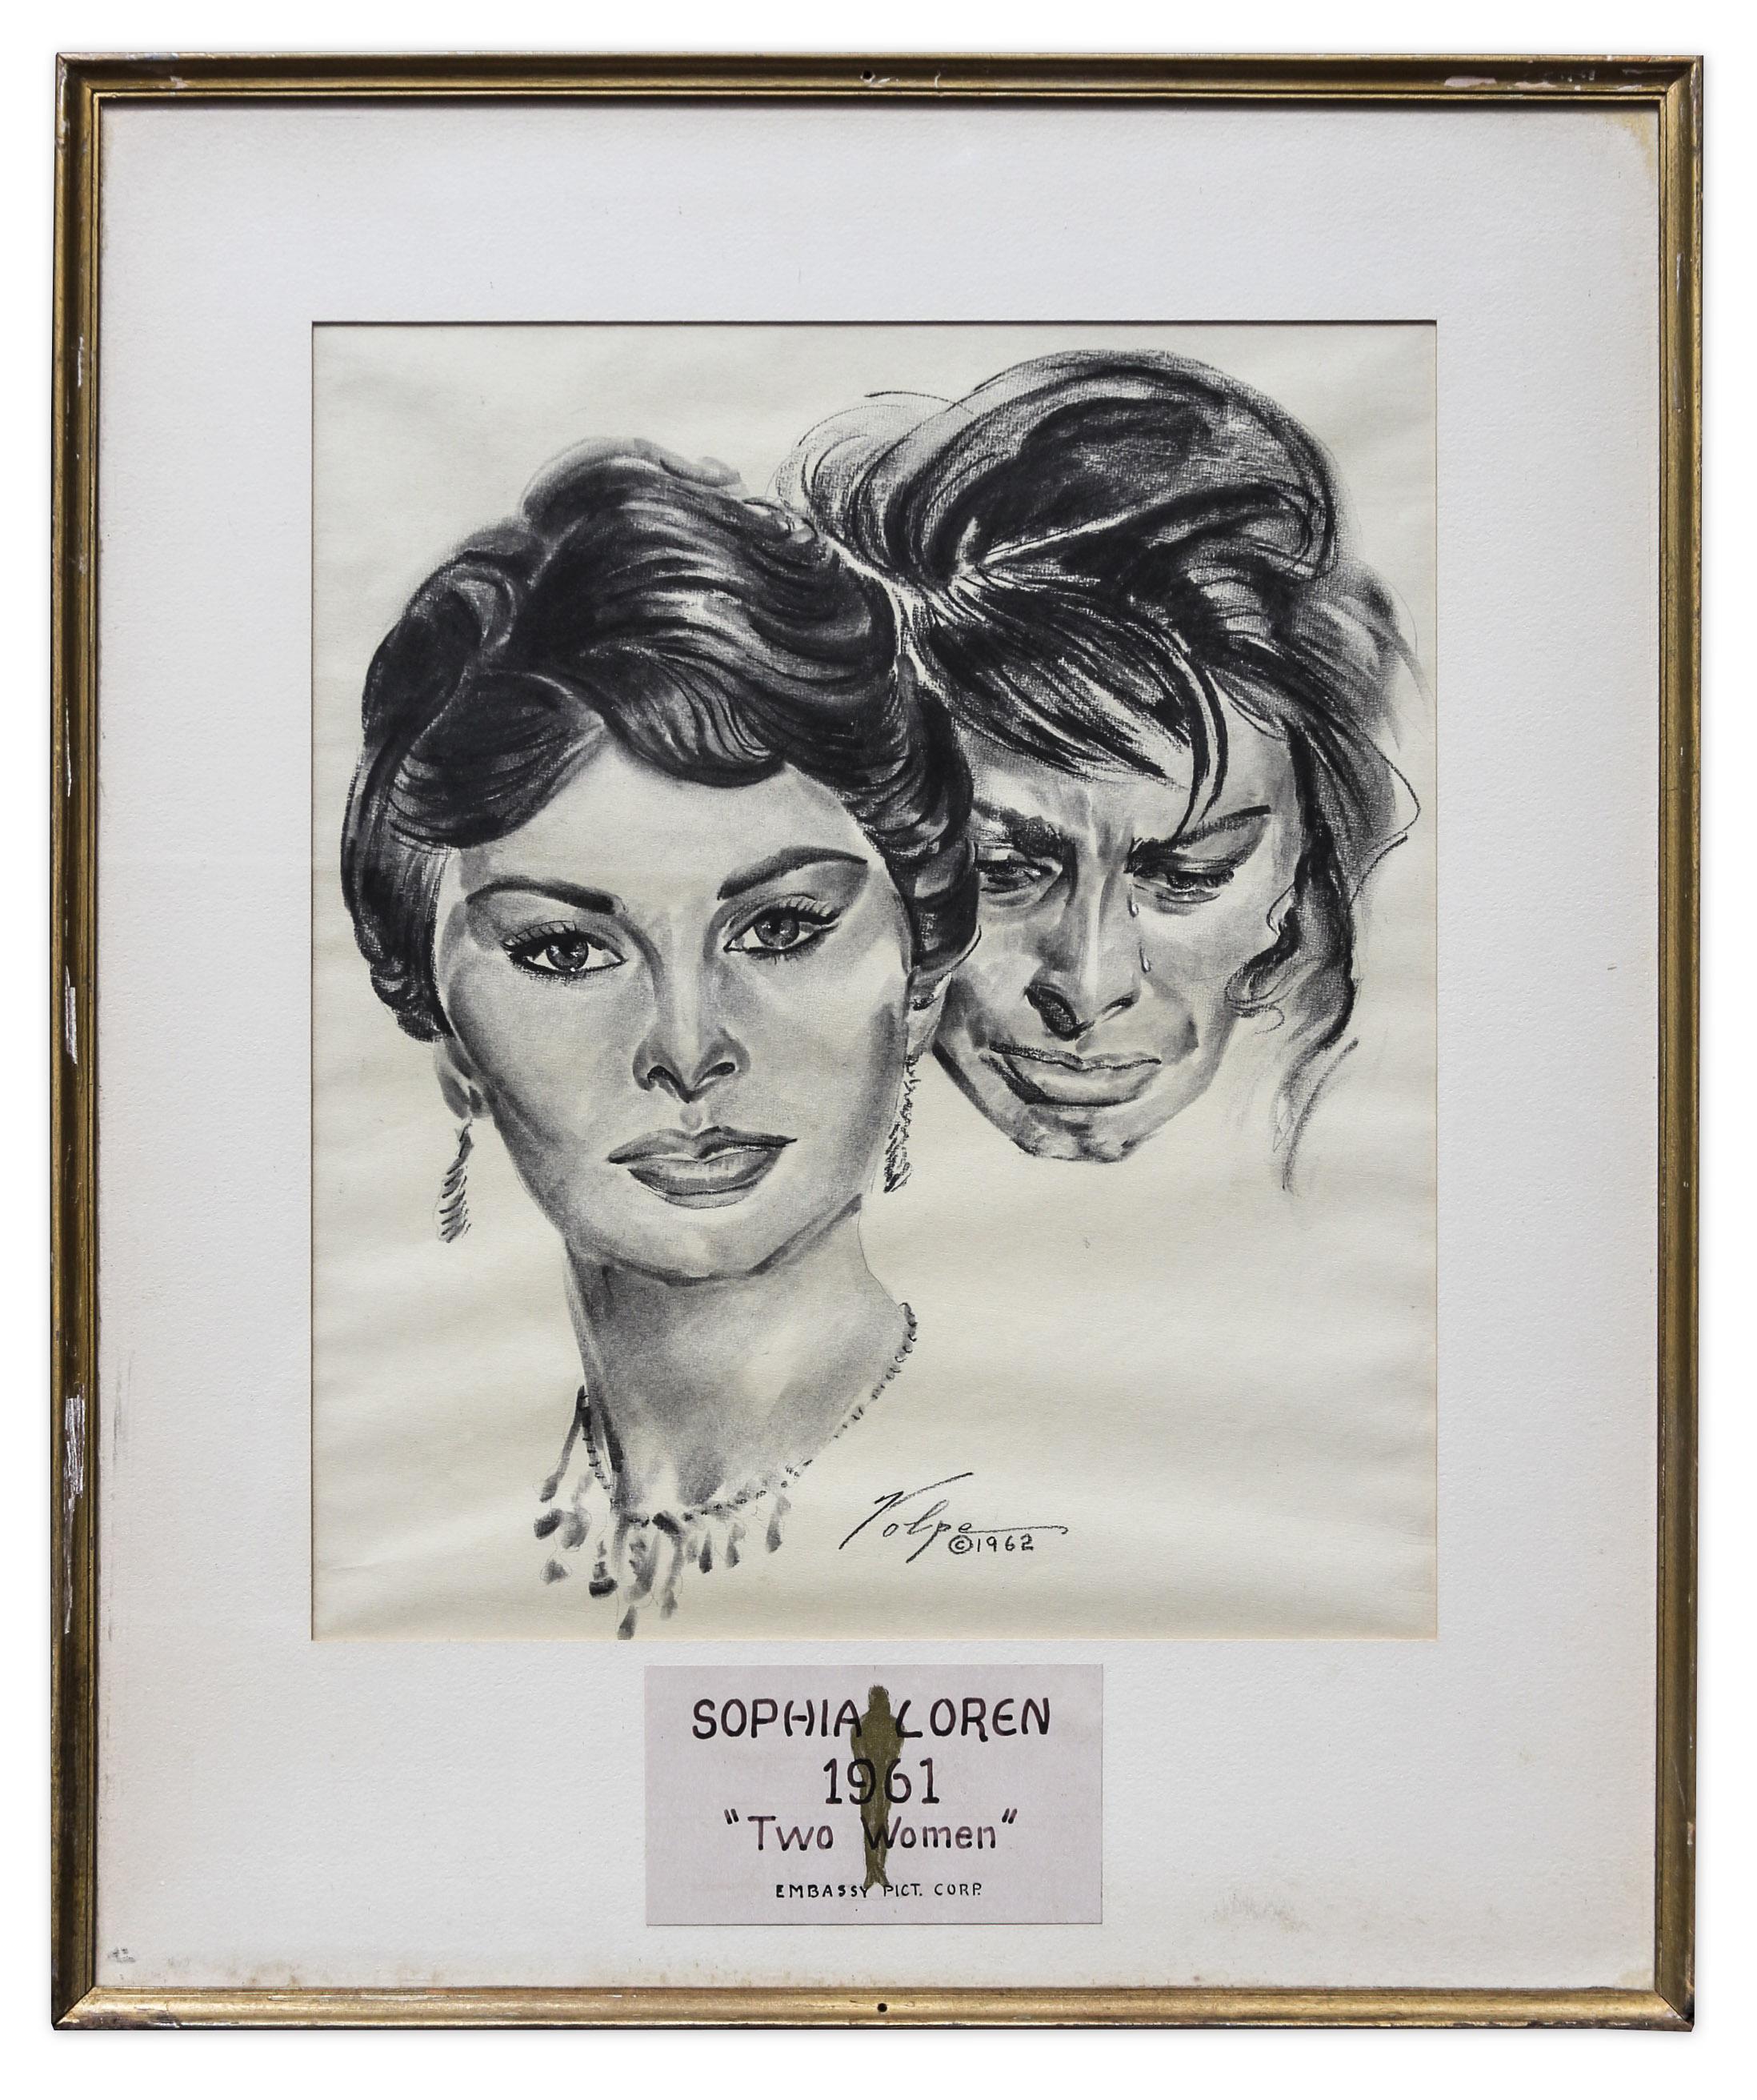 Nicholas volpe charcoal sketch of sophia loren in two women